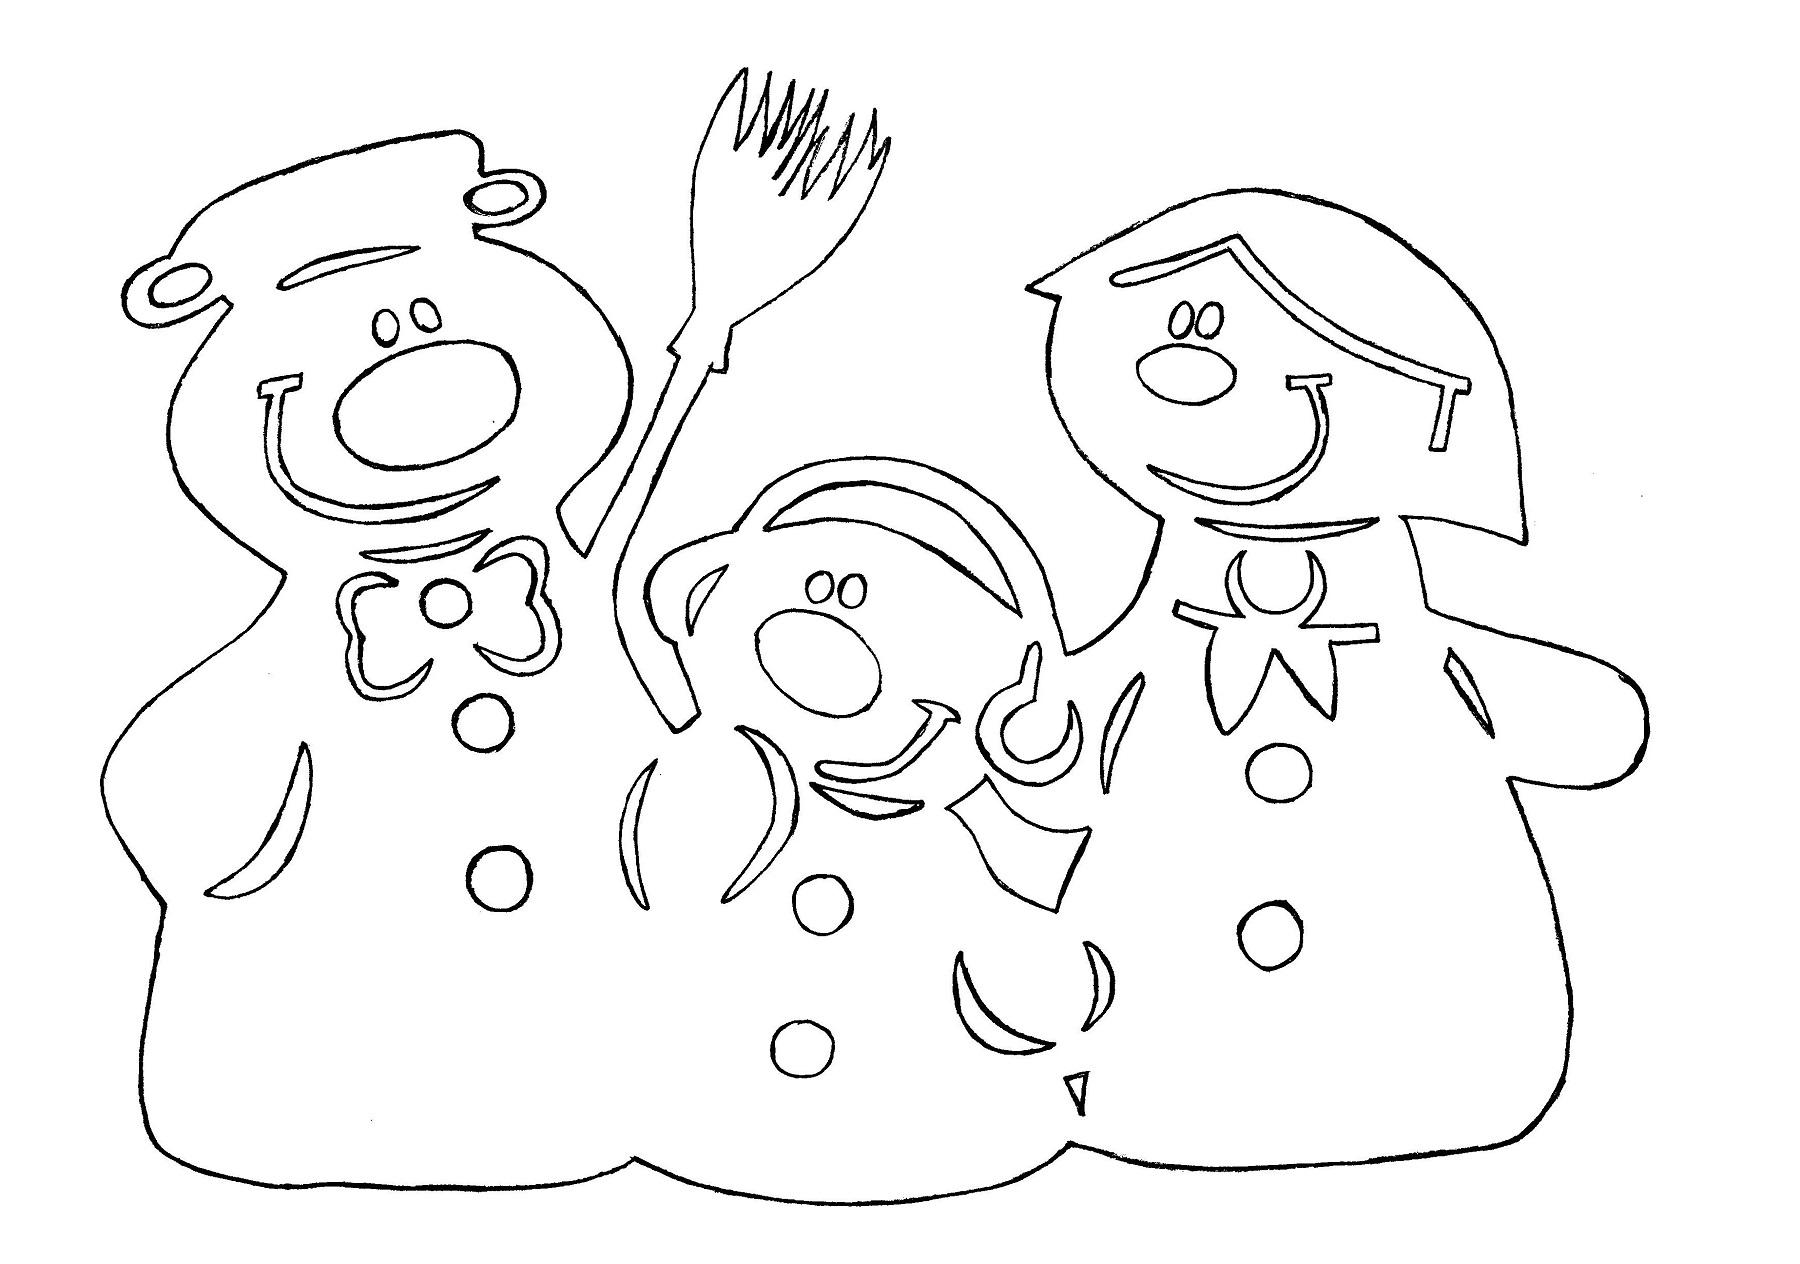 ЖИЗНЬ ПРЕКРАСНА - блог Наталии Юшковой.: Новогодние украшения Витраж из бумаги шаблоны к новому году